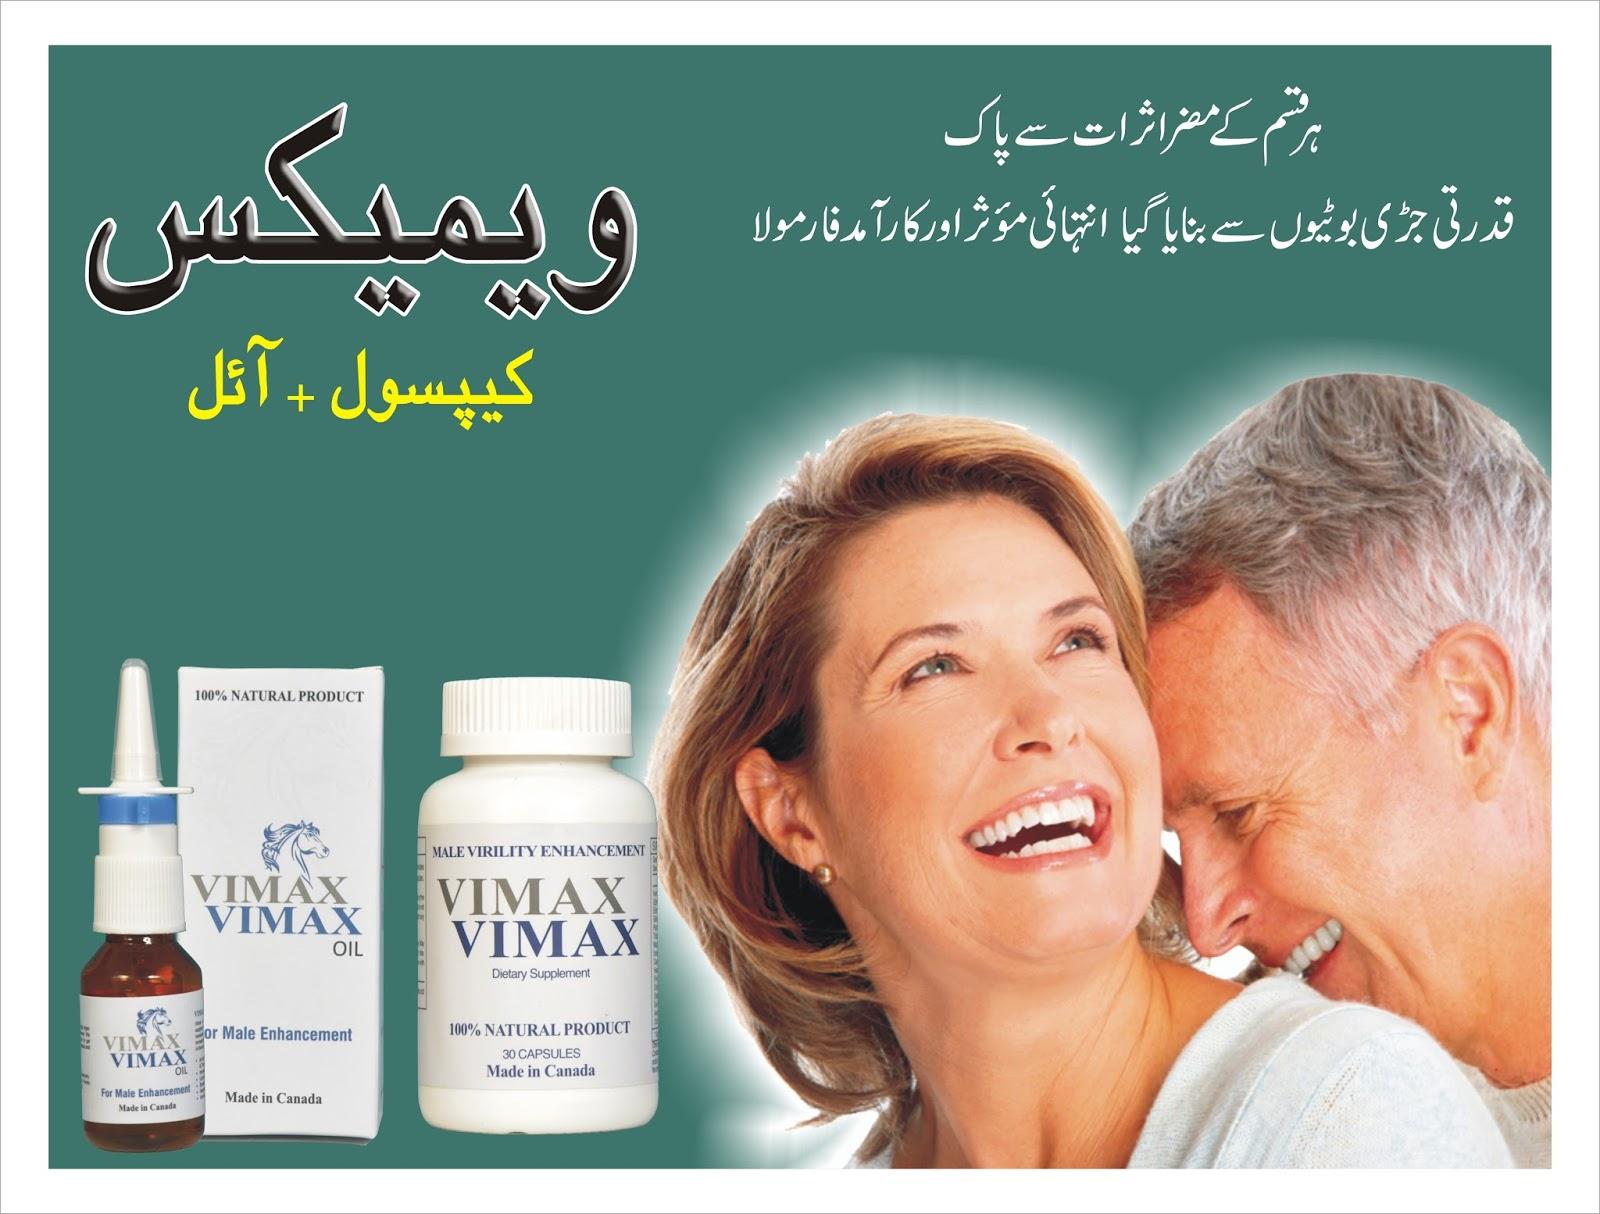 vimax original original vimax oil in pakistan